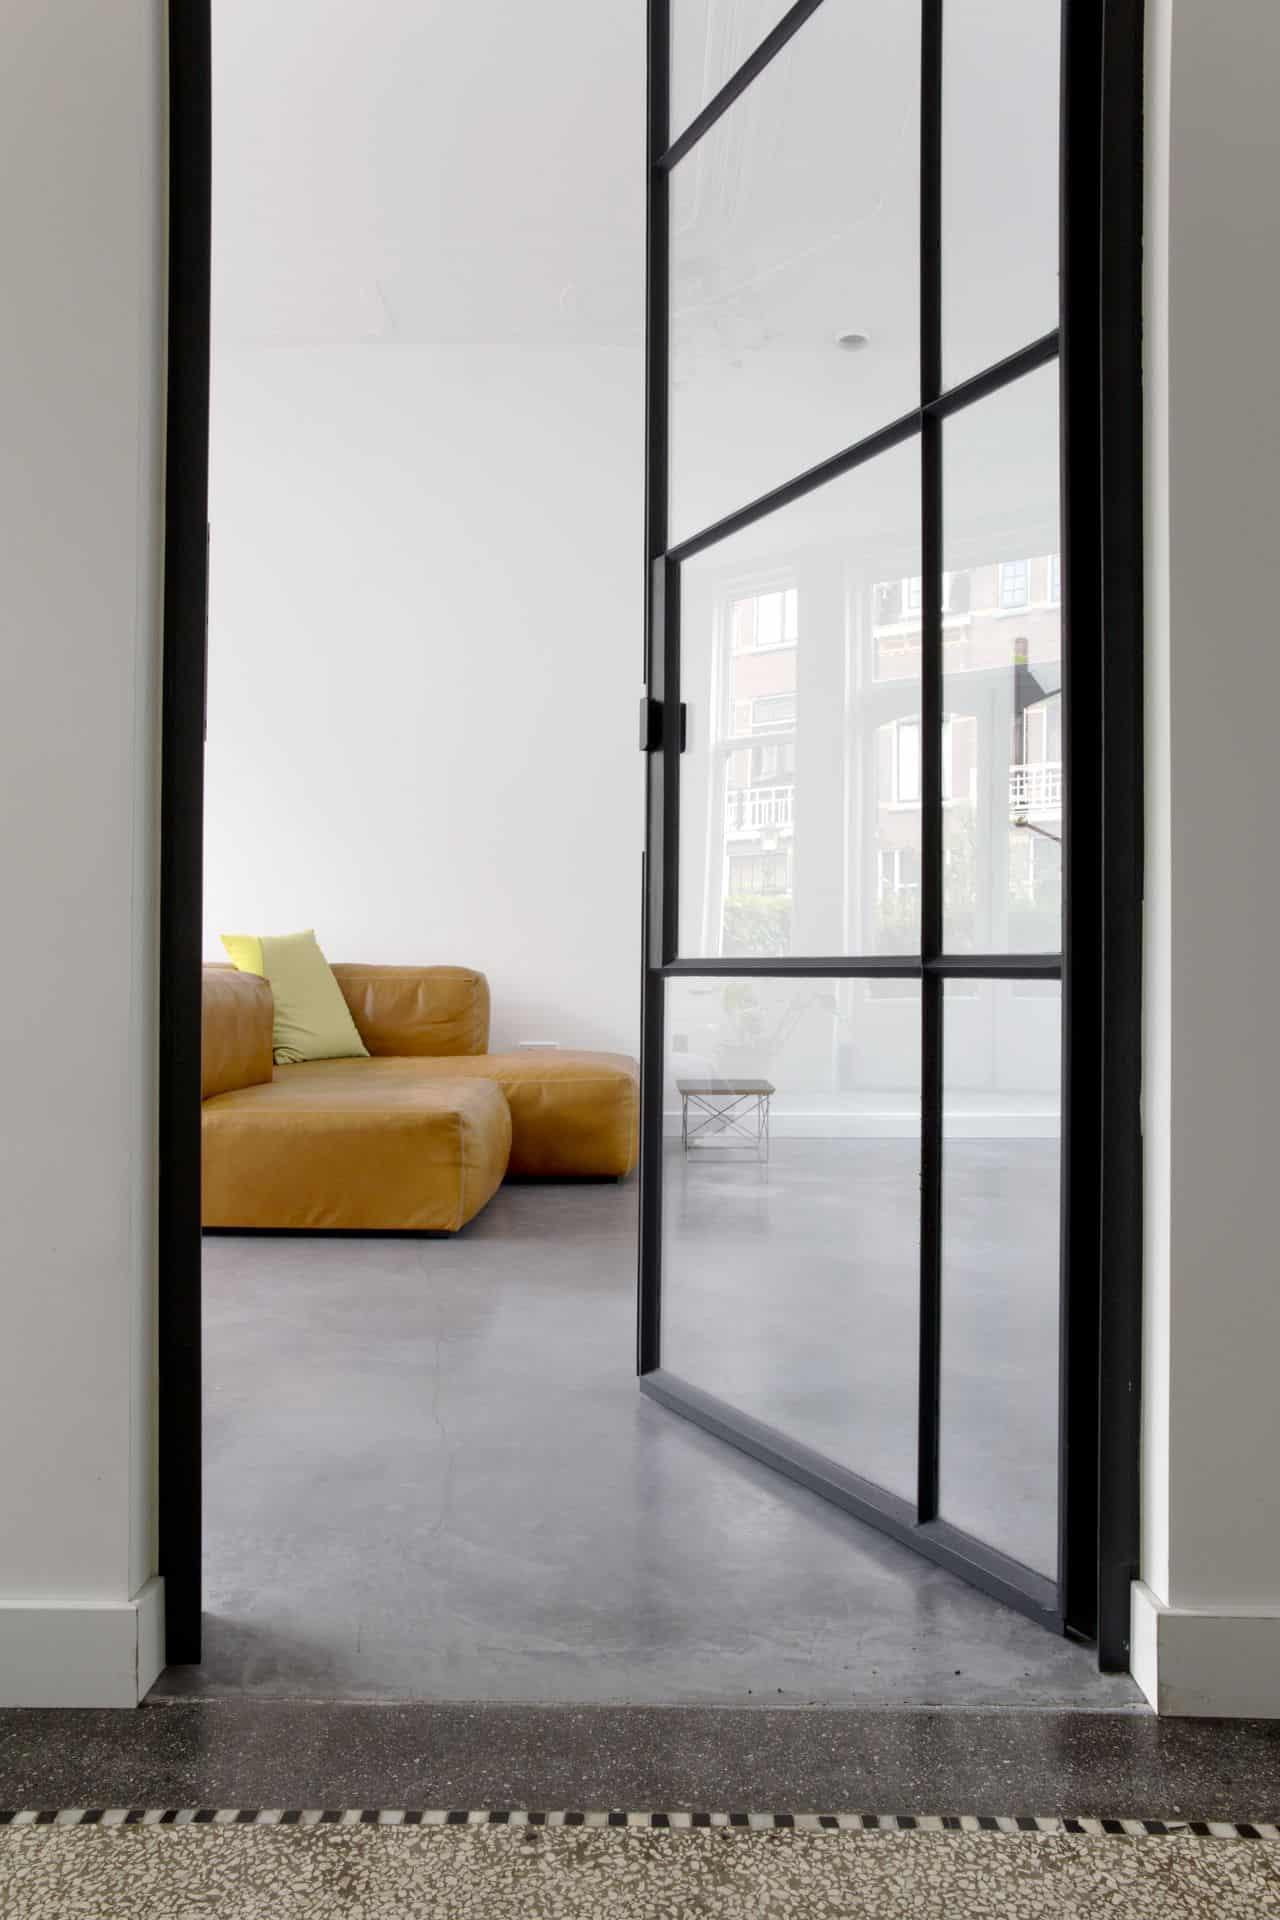 betonvloer repareren, betonnen vloer in woongedeelte, wonen met beton